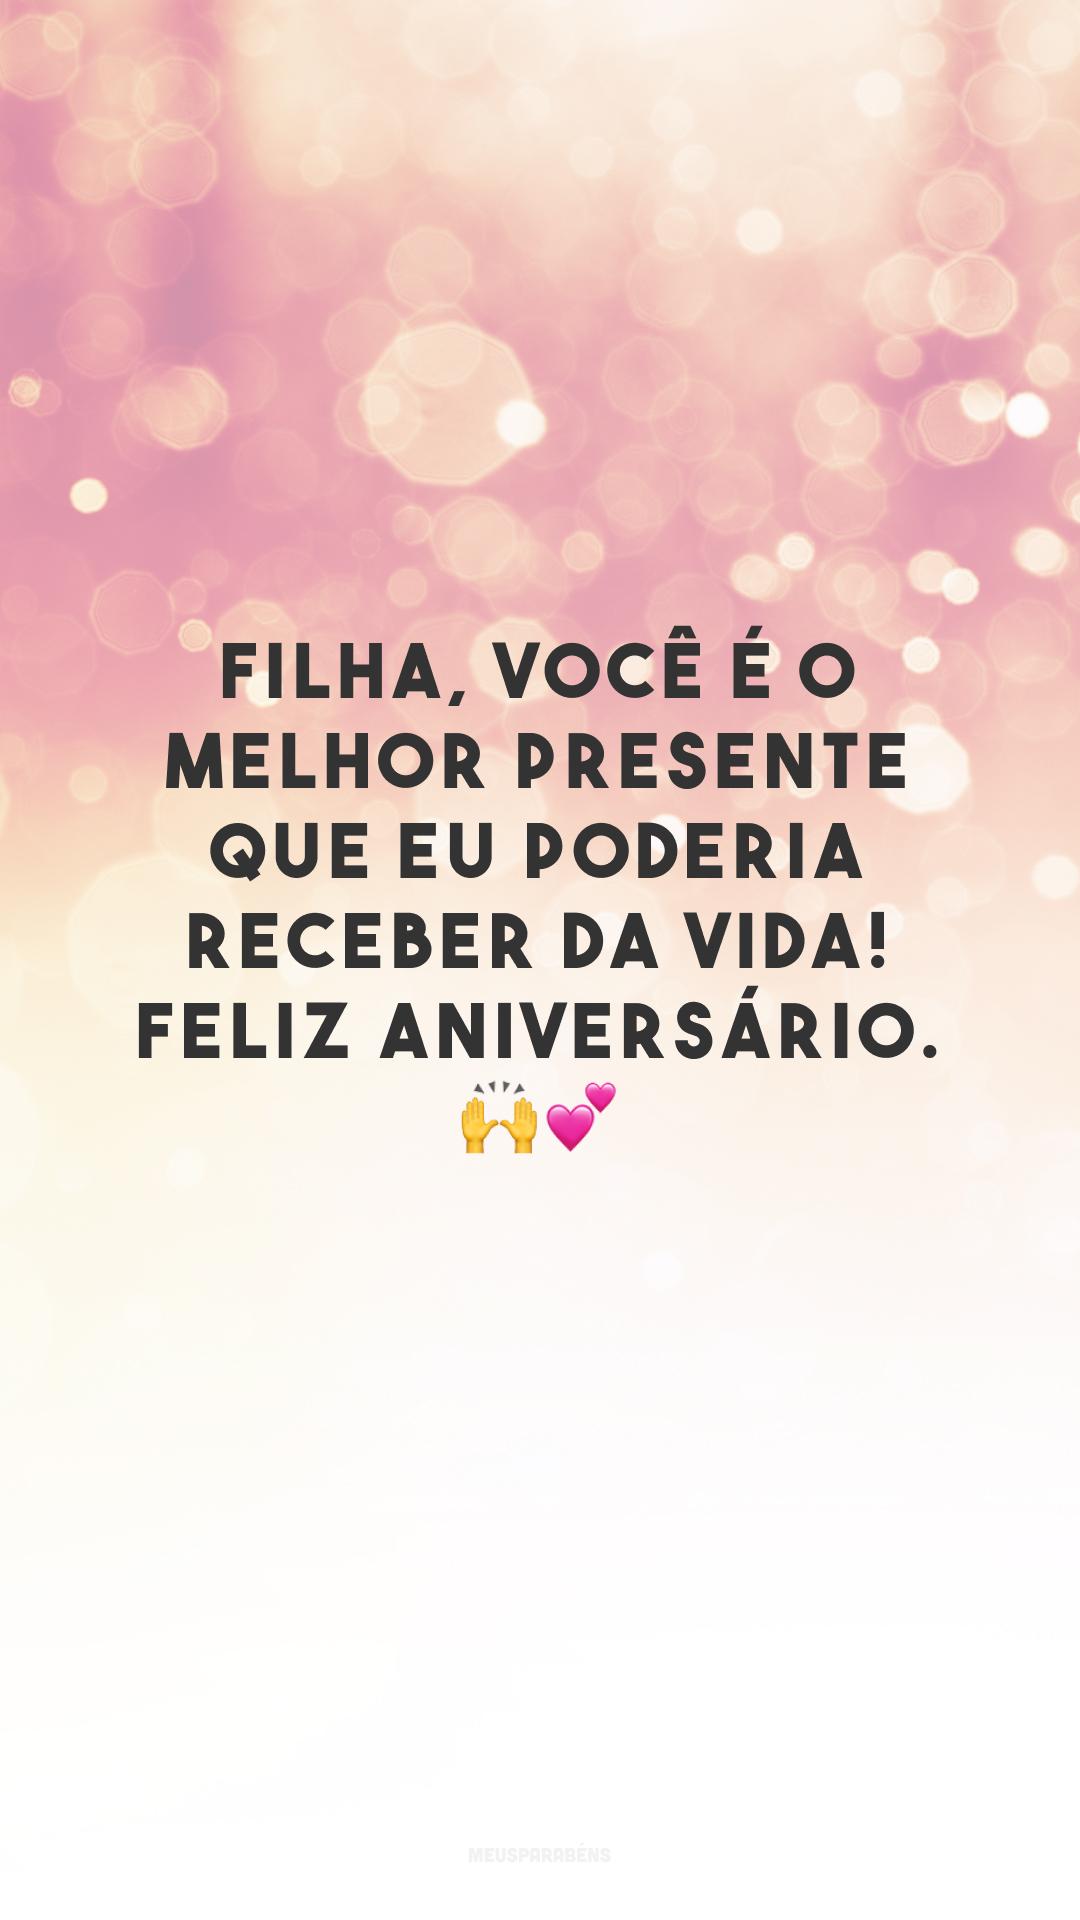 Filha, você é o melhor presente que eu poderia receber da vida! Feliz aniversário. 🙌💕